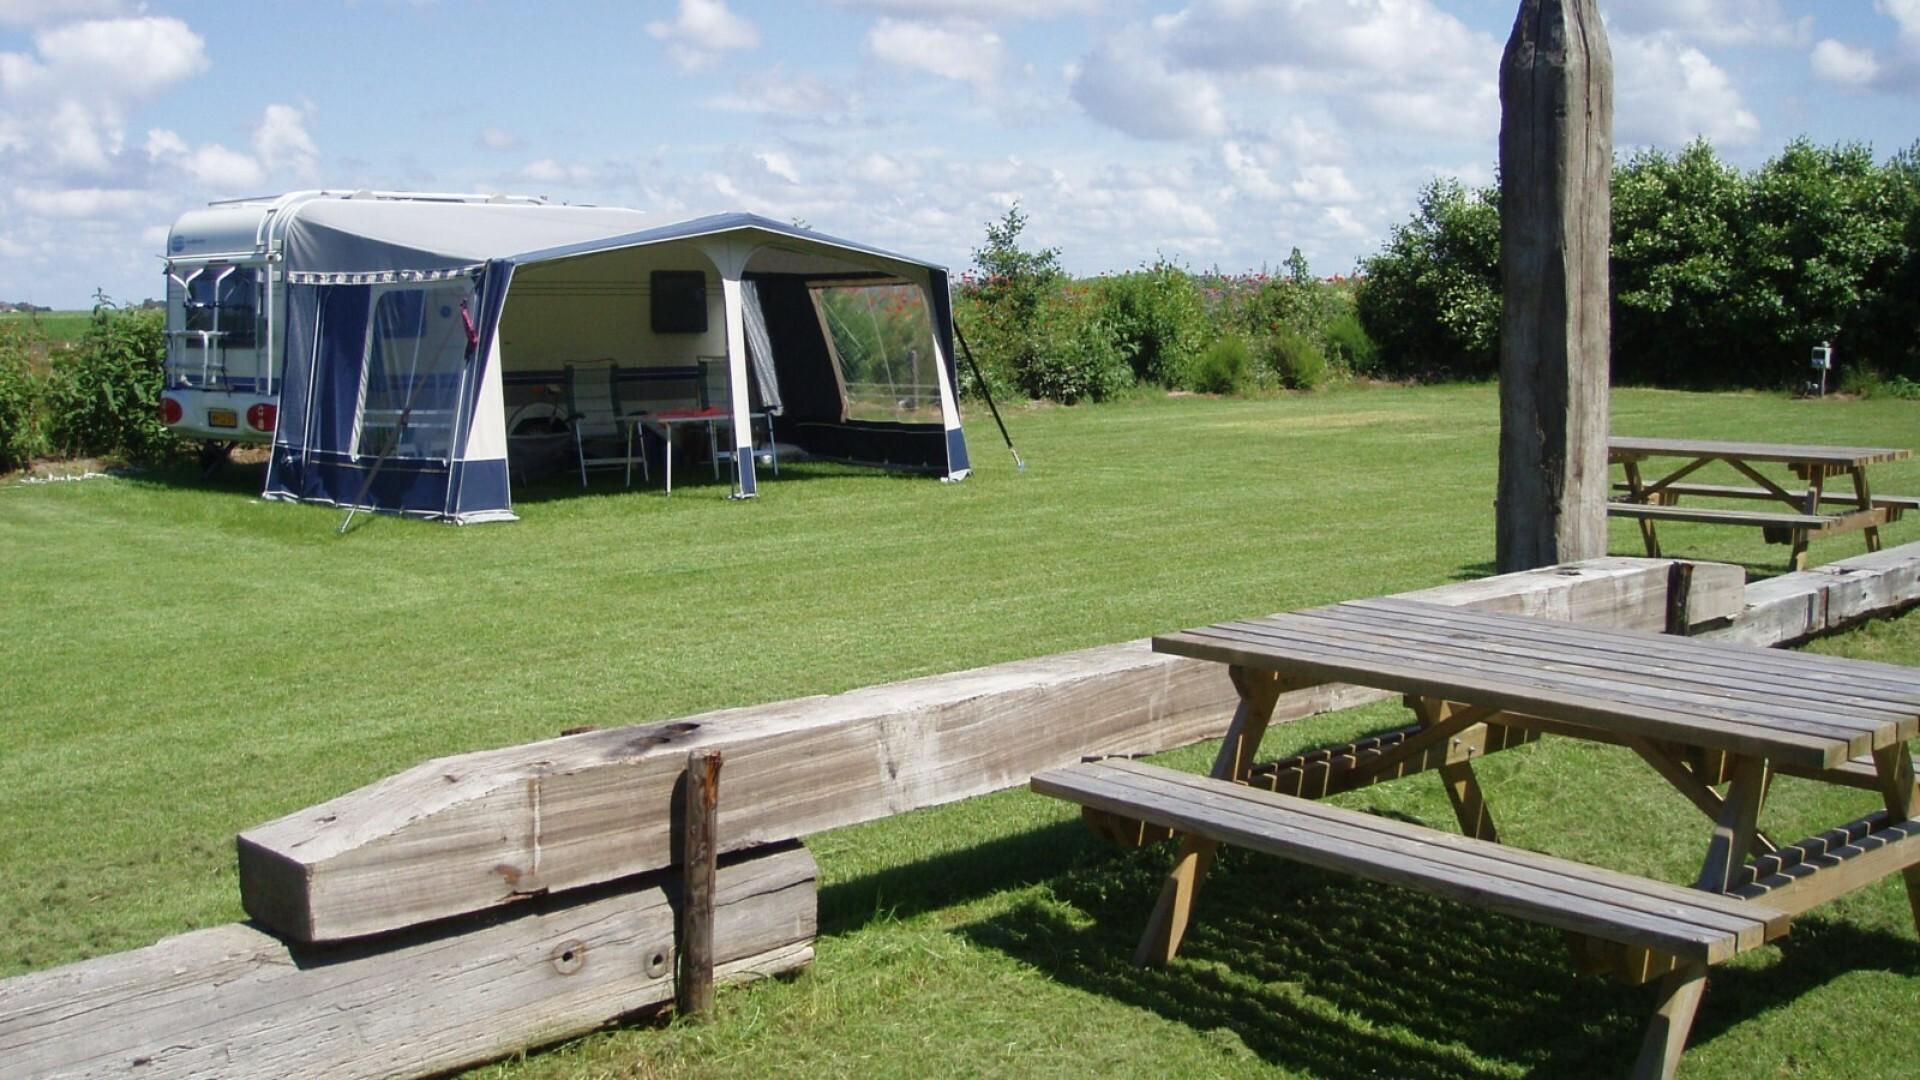 Camping Hoeve Nieuw Breda met overdekt zwembad VVV Texel